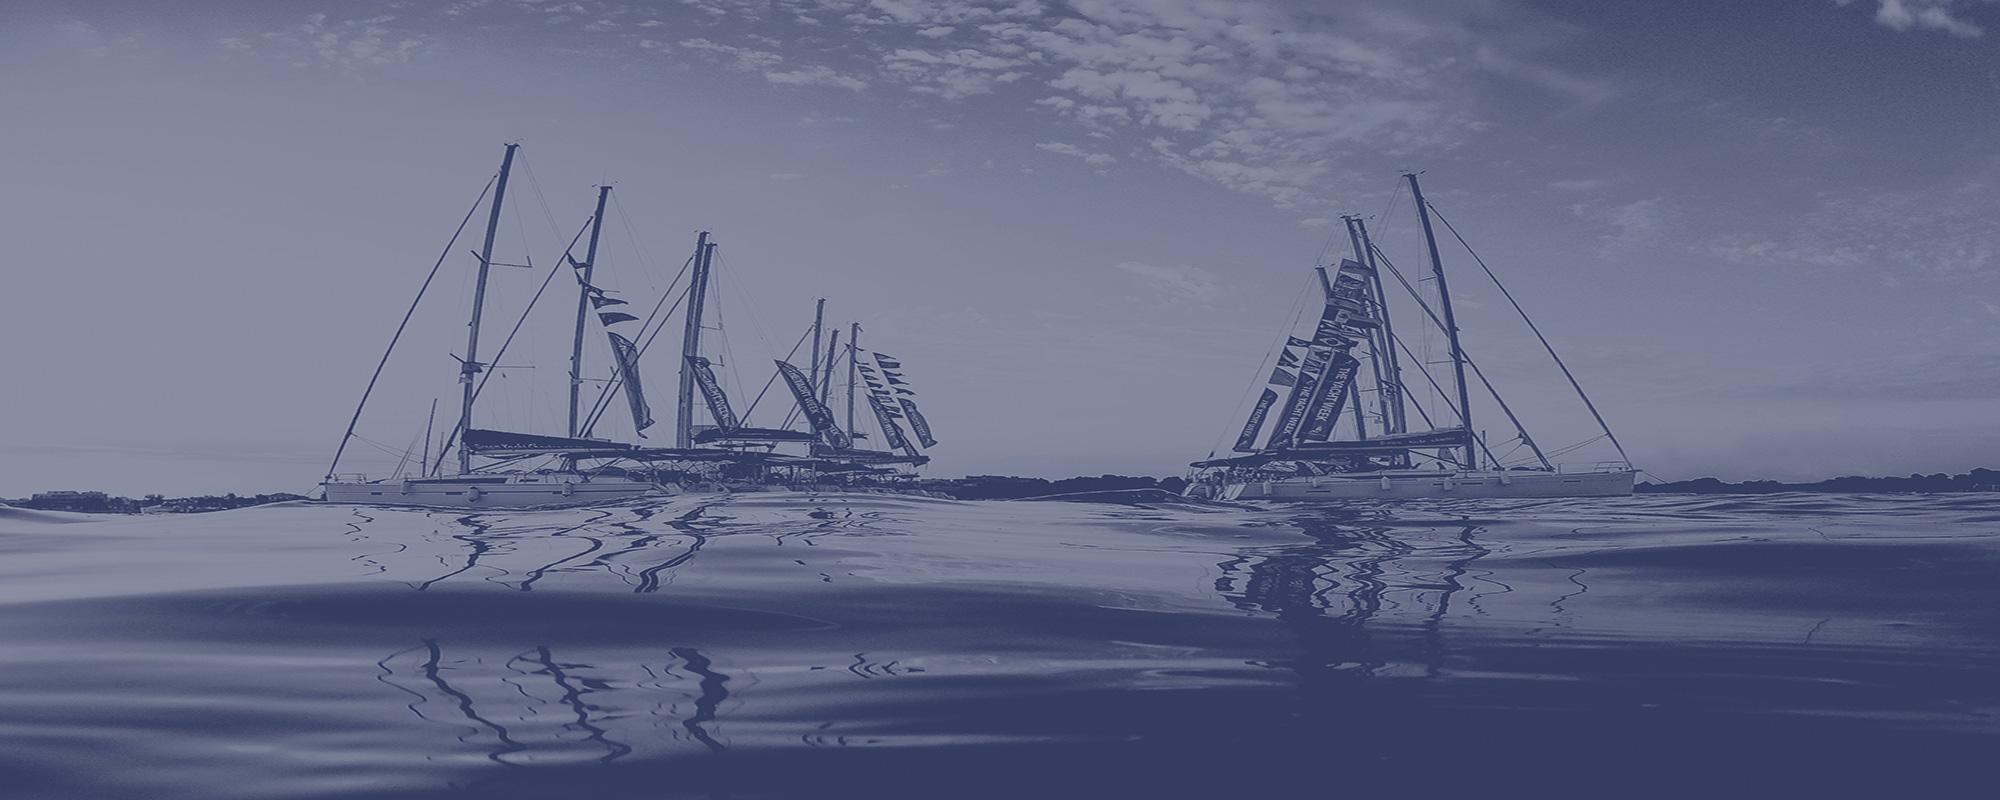 sailboats-small